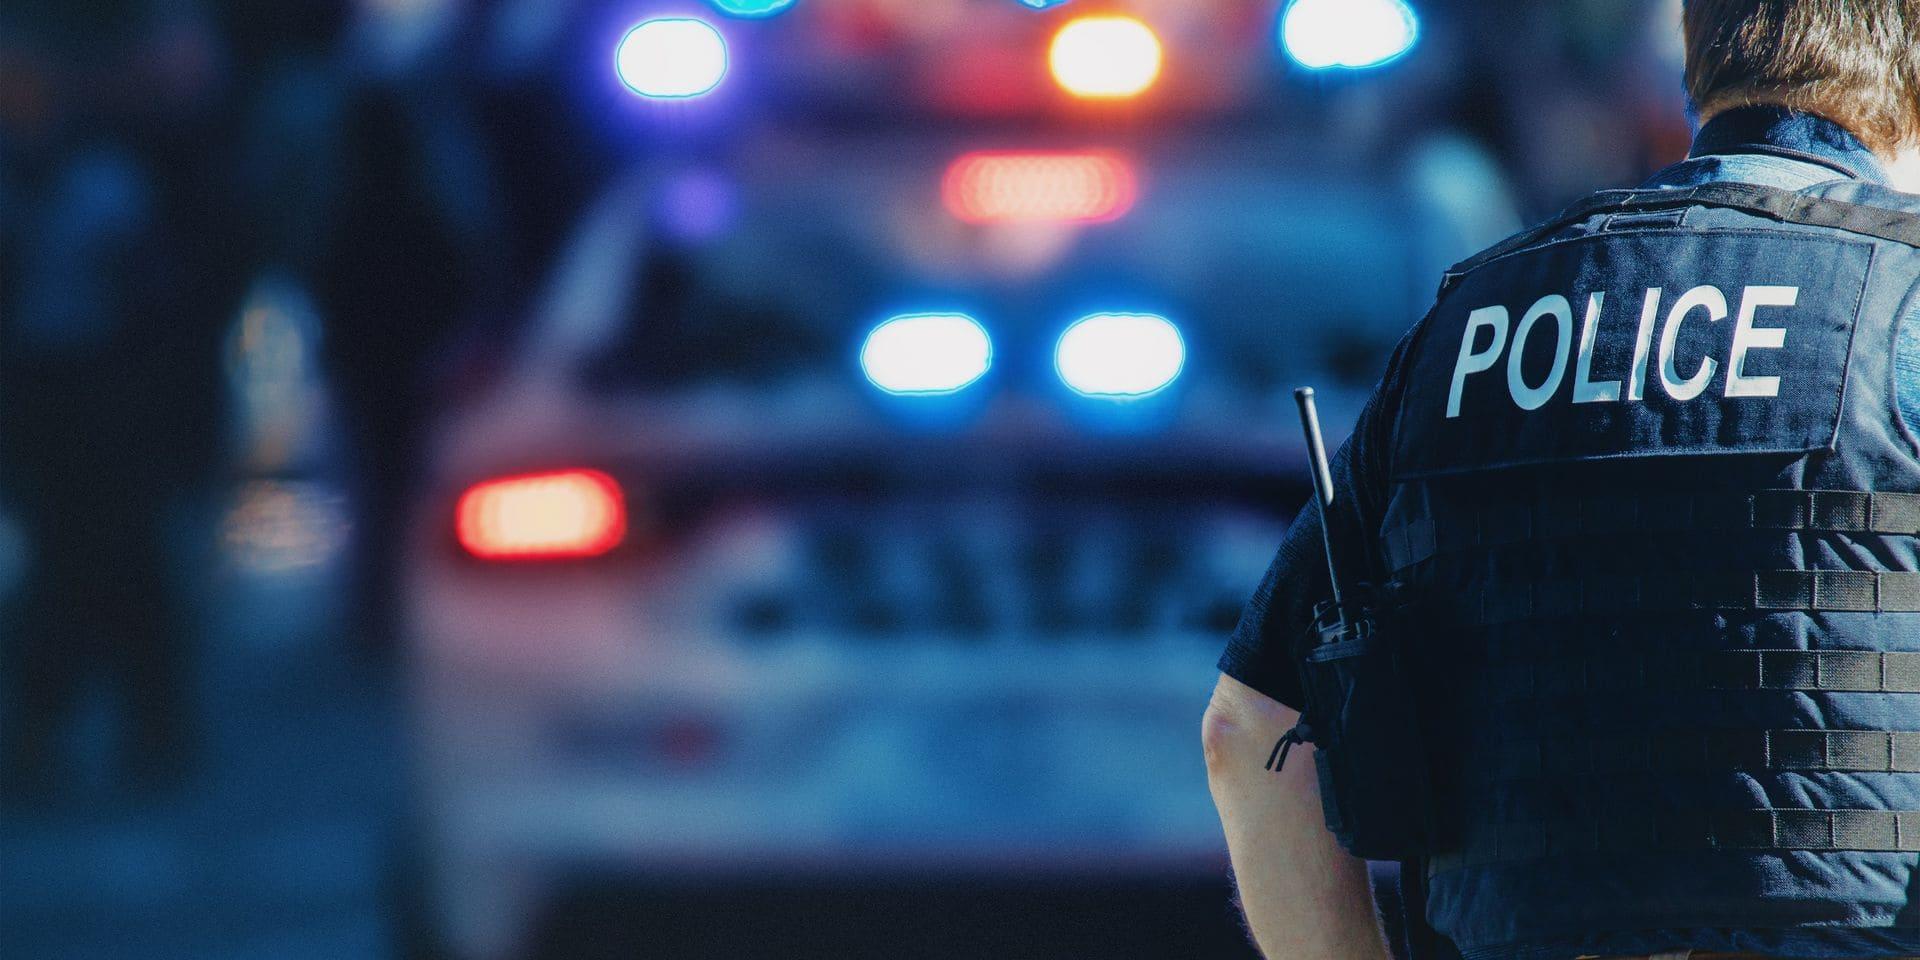 Cinq blessés graves à la suite d'une fusillade en Louisiane